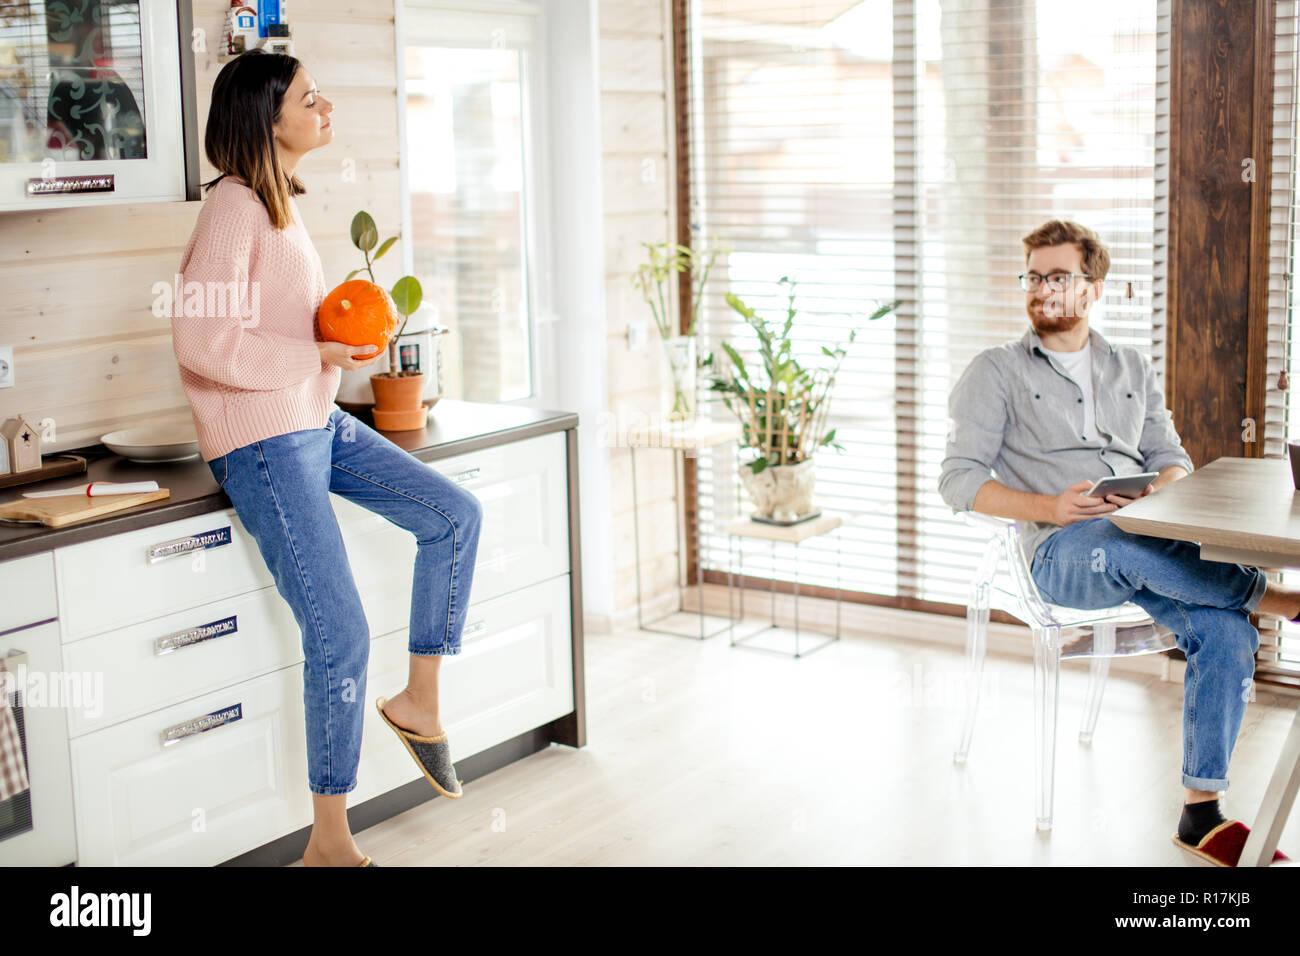 Jeune couple prévues matin in new home, discuter de leurs plans pour l'avenir Photo Stock